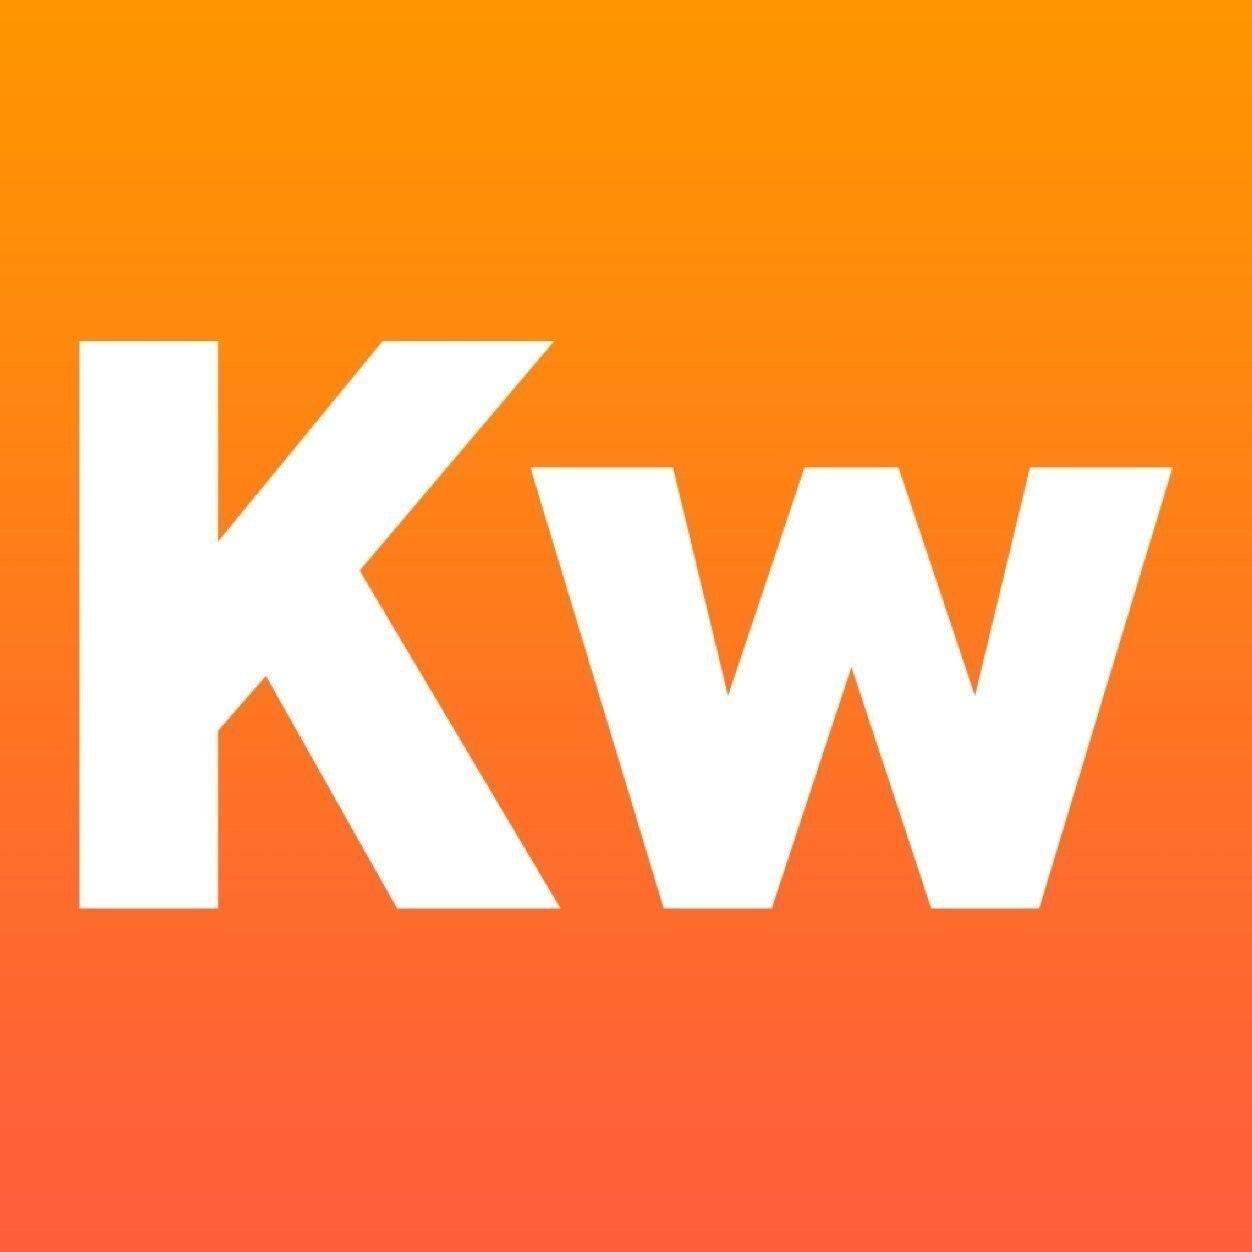 Kwirk app